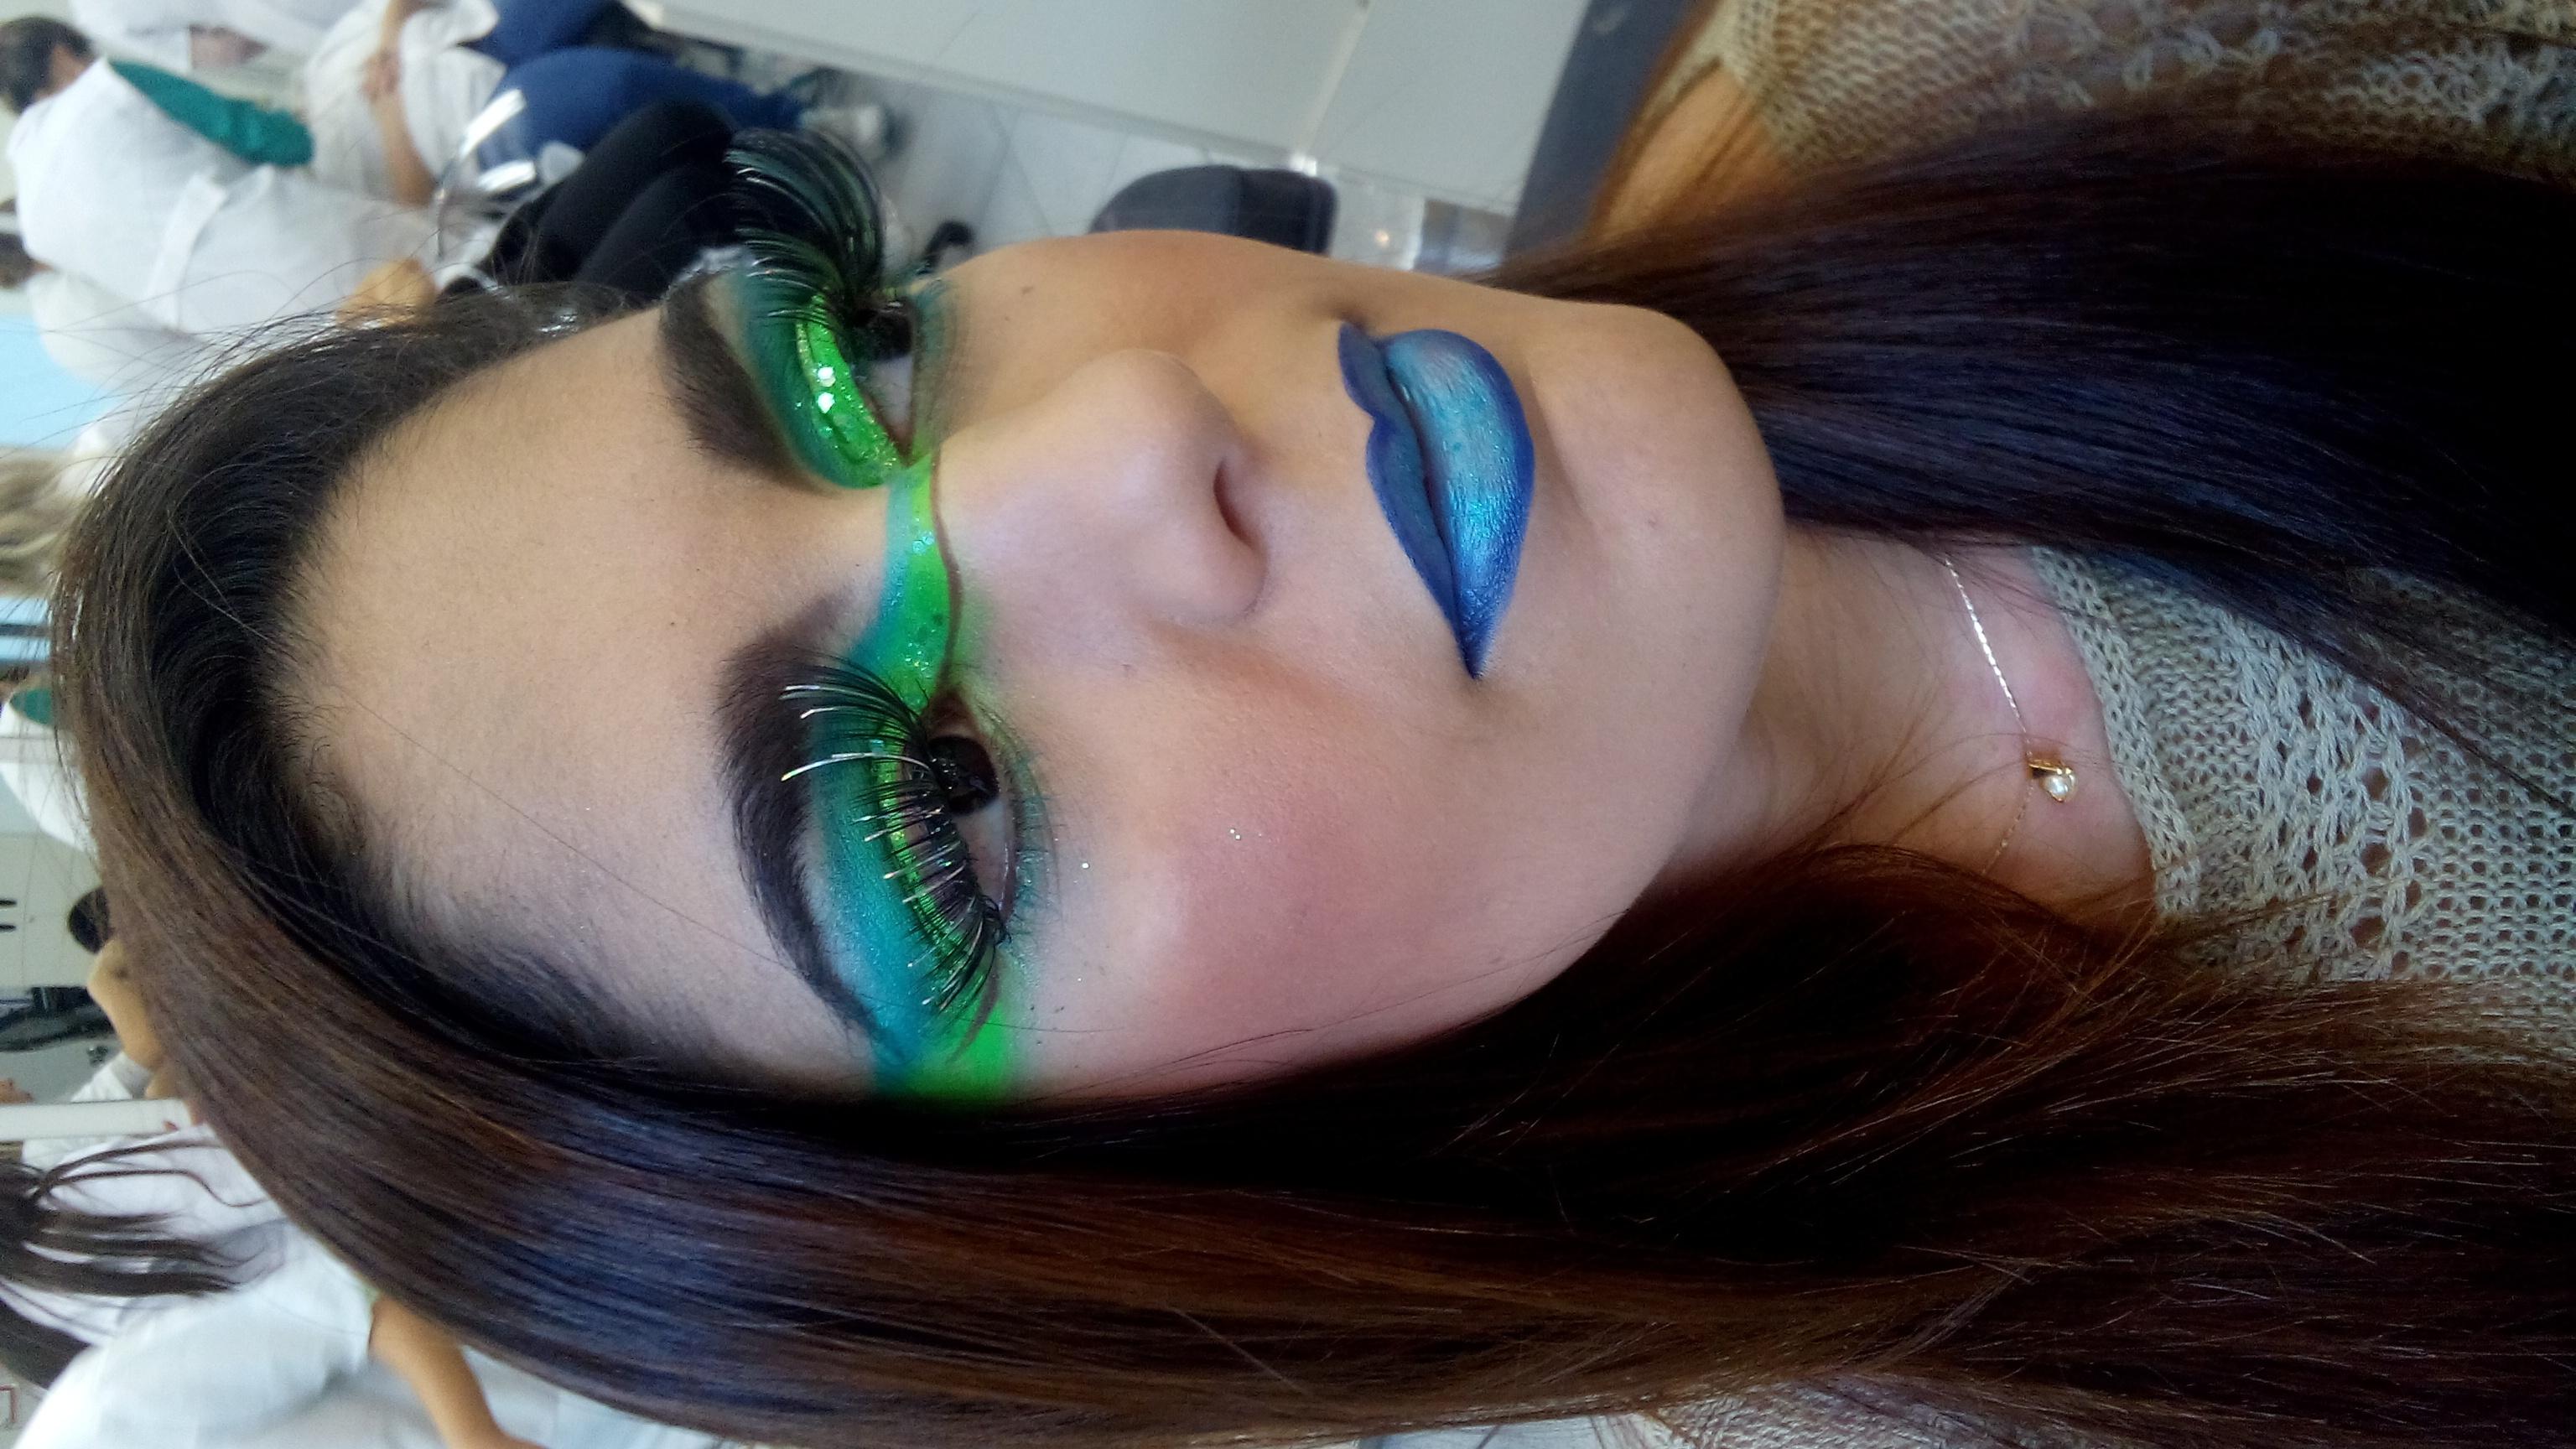 Maquiagem Artística Inspiração Aurora Boreal  maquiador(a) produtor(a)